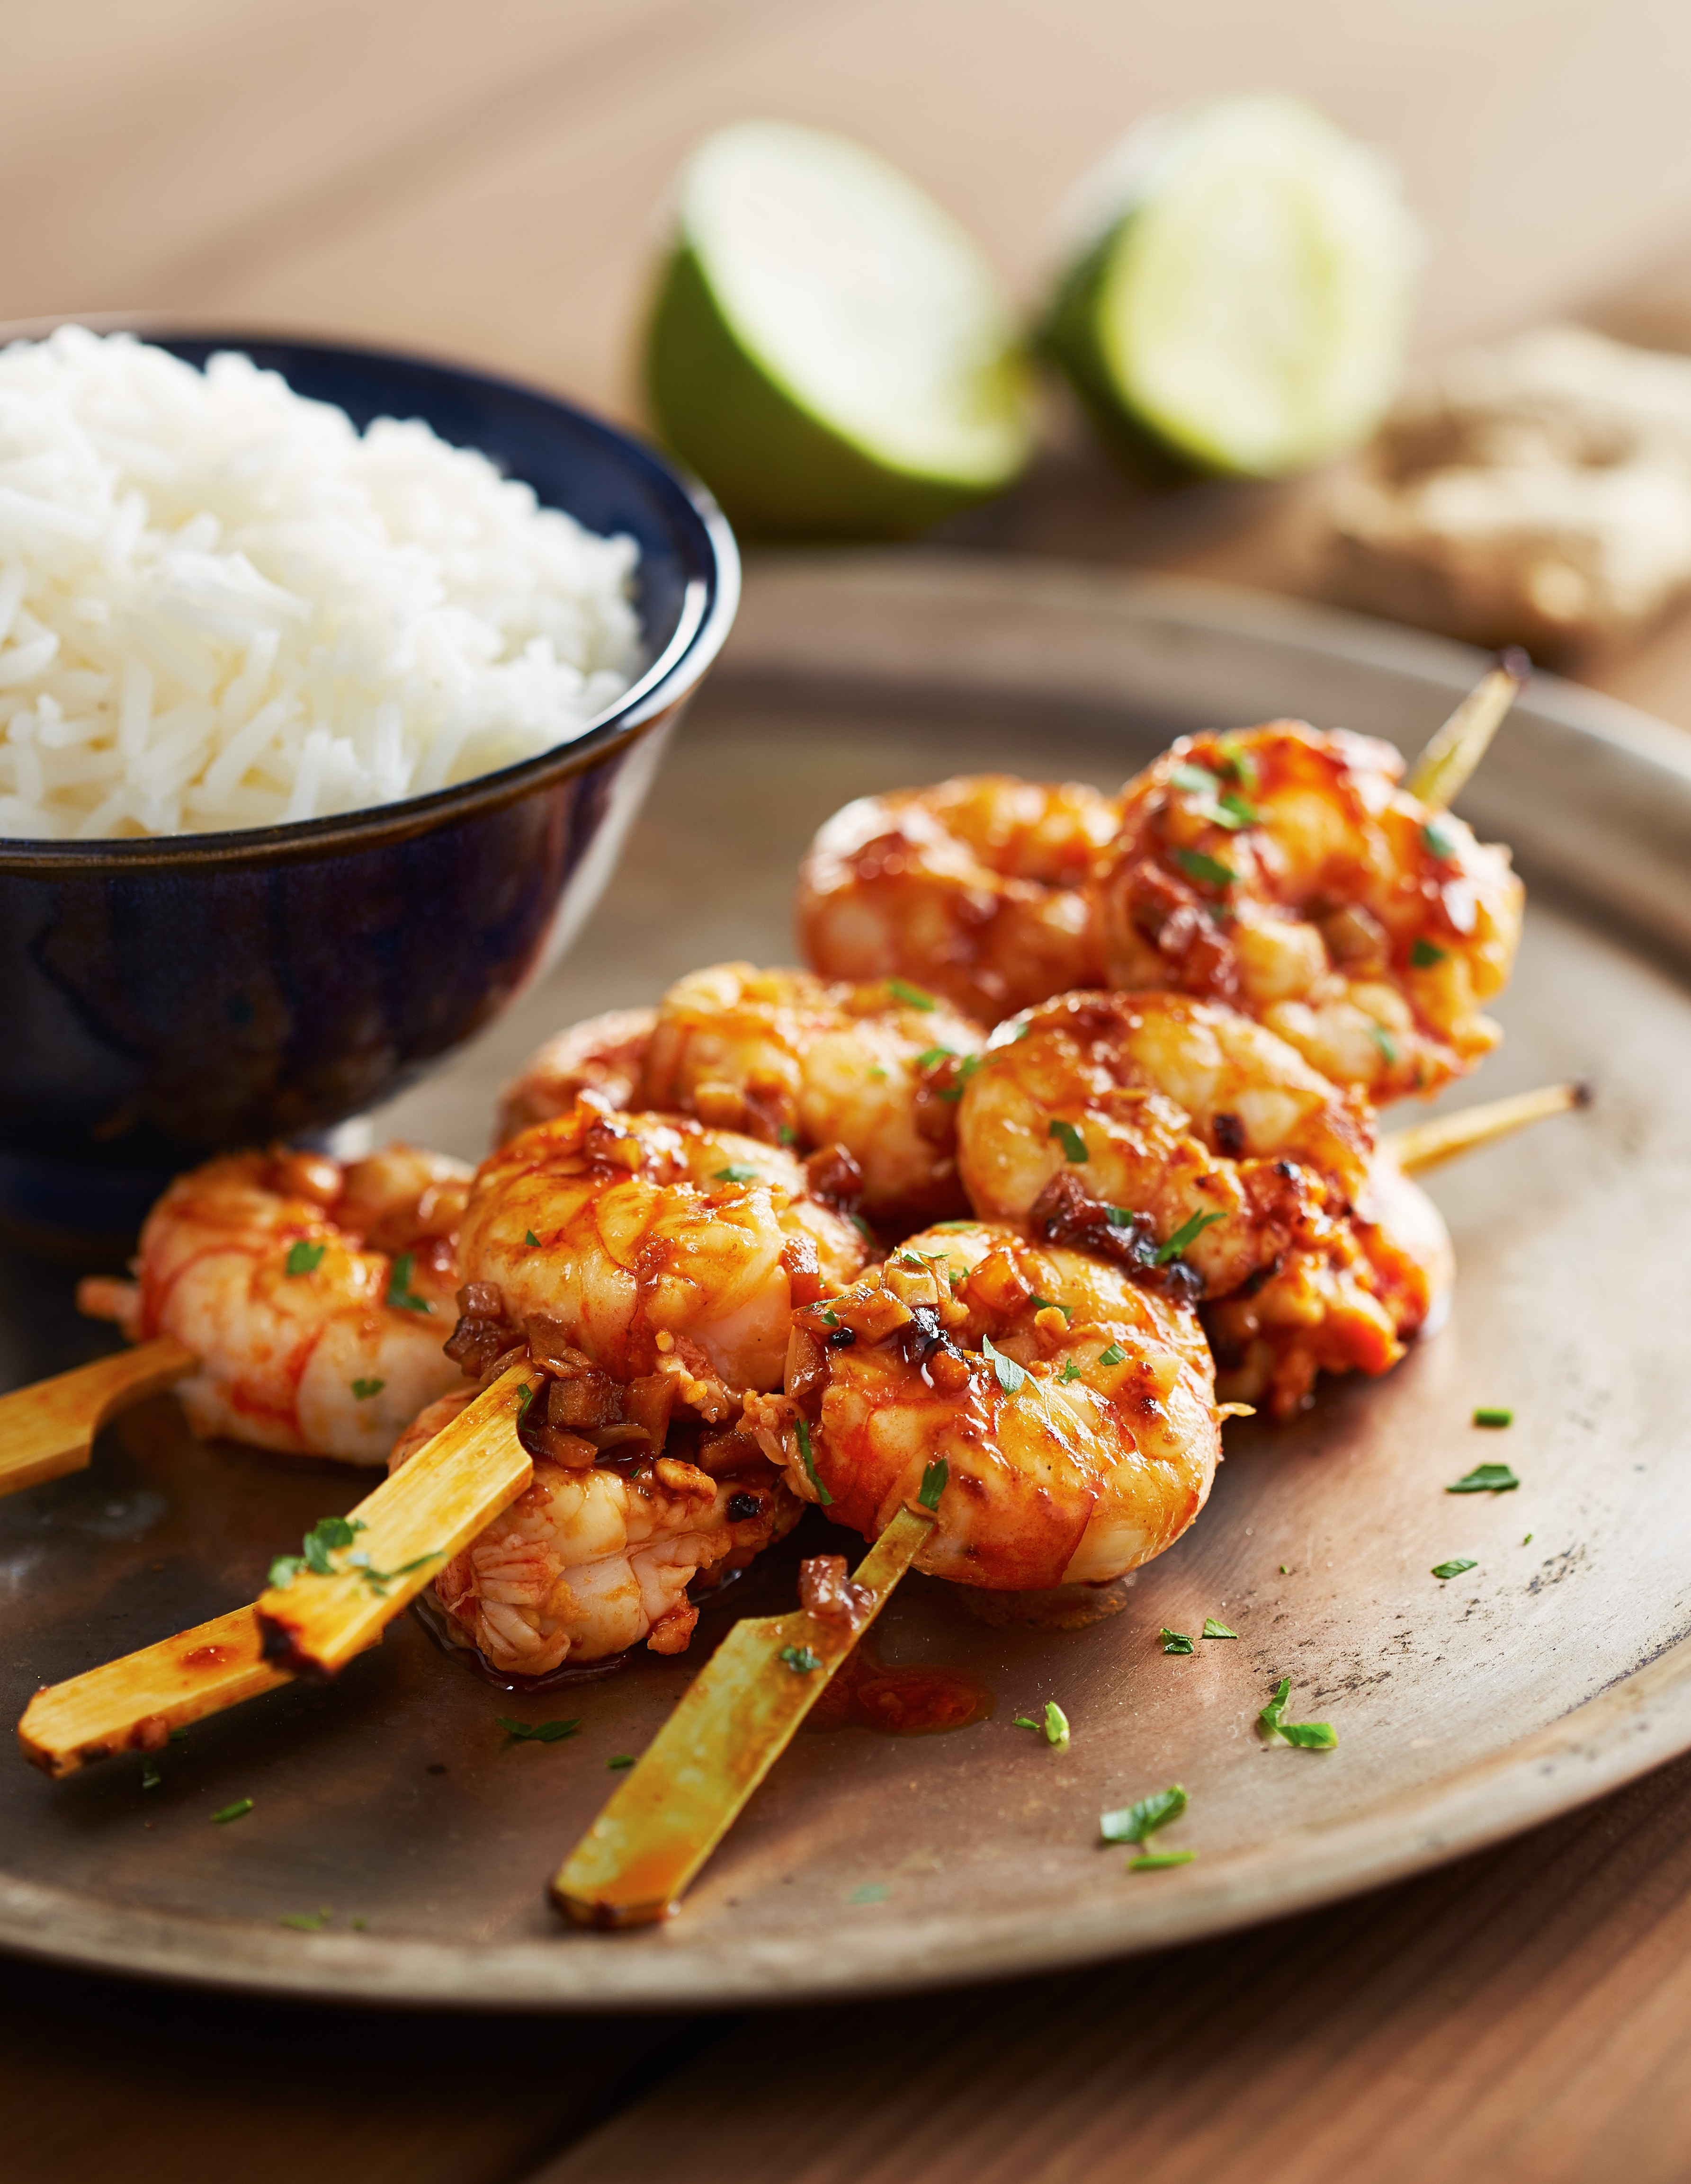 Tequila-Orange Grilled Shrimp